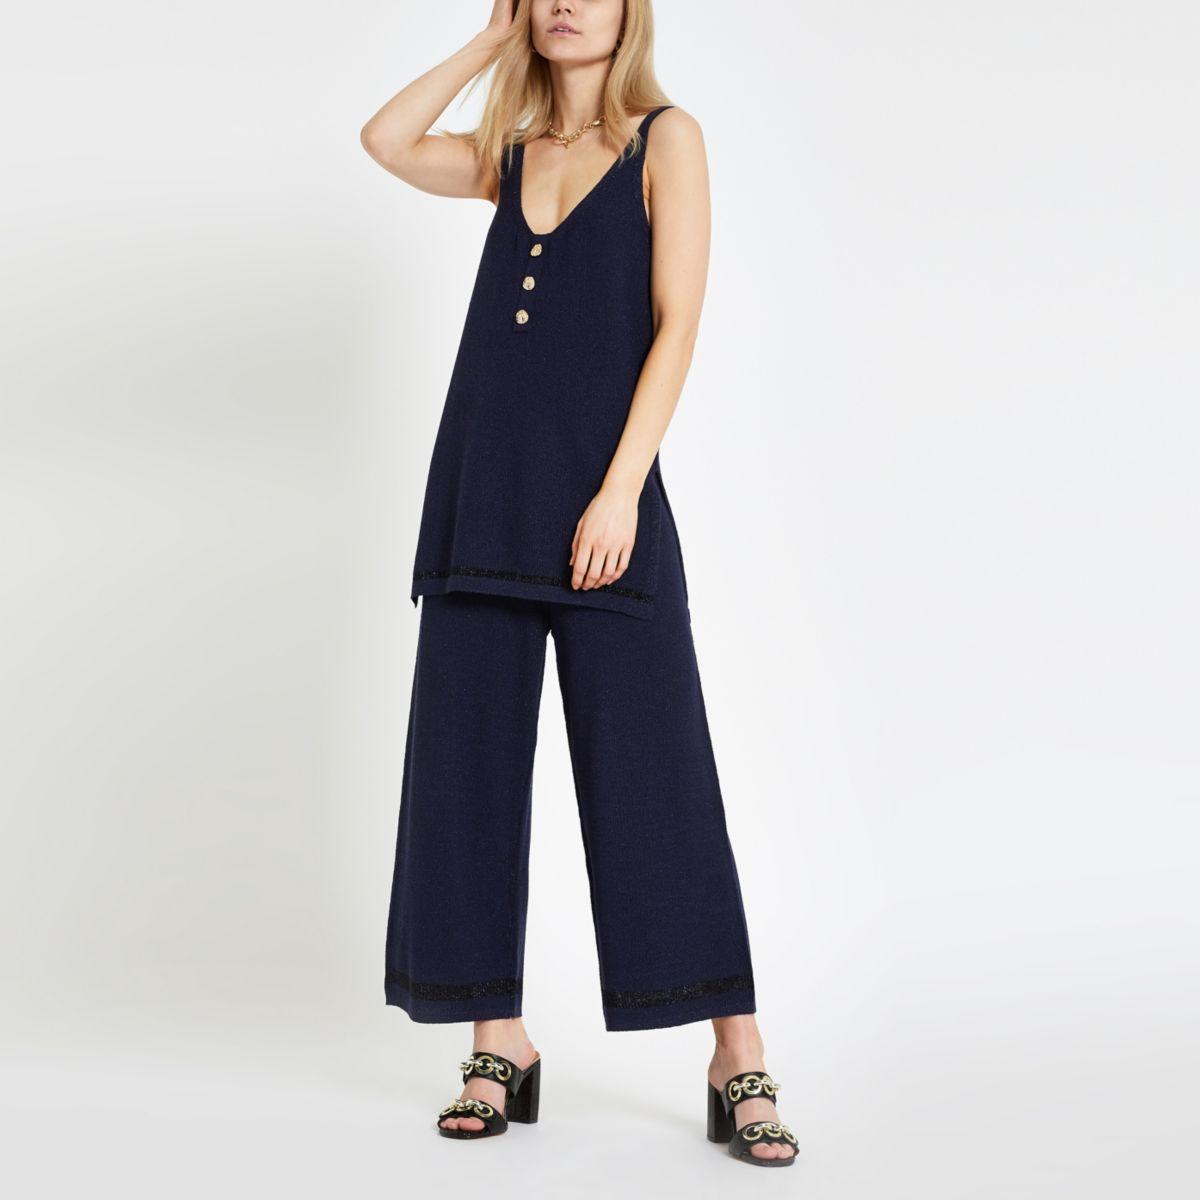 Jupe-culotte large bleu marine à paillettes